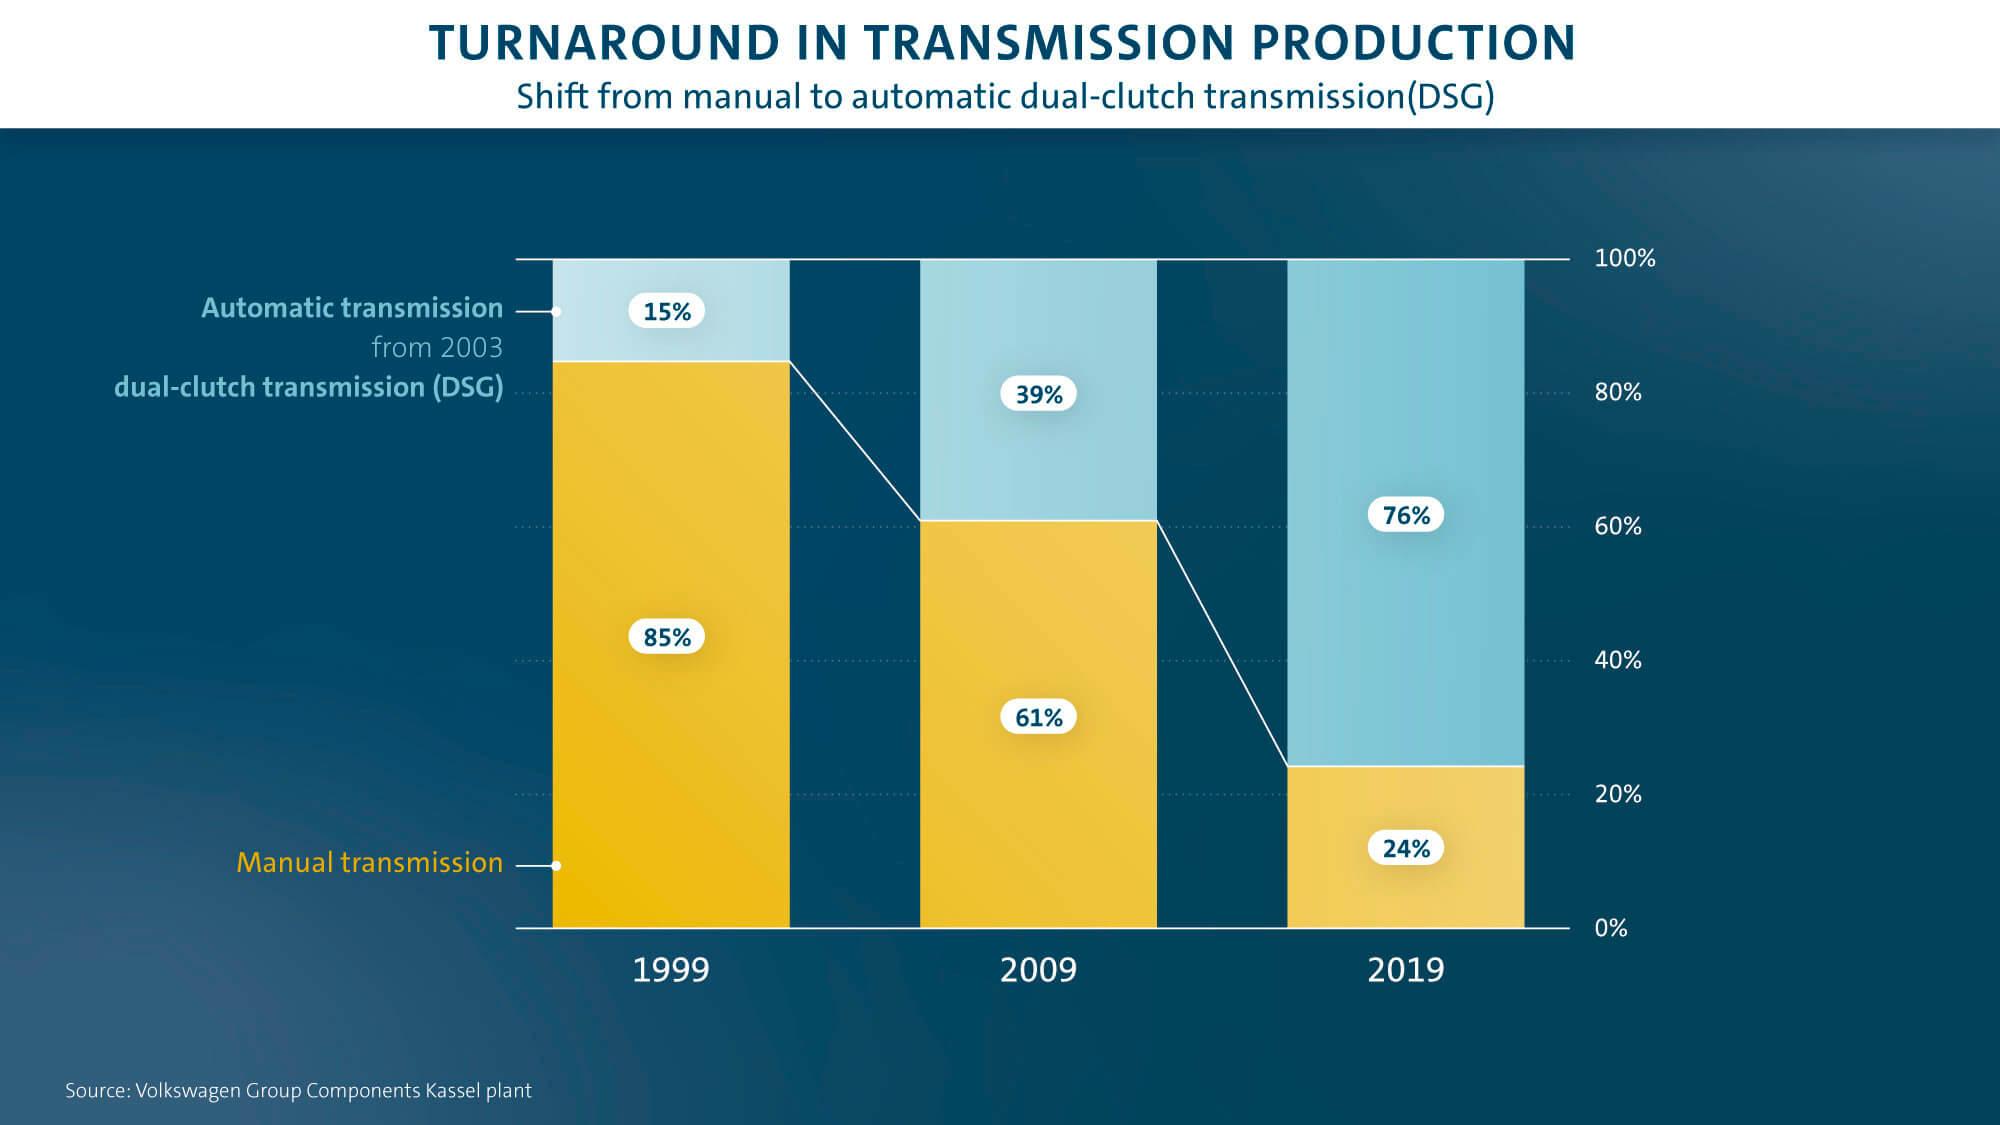 Γράφημα μεταστροφής στην παραγωγή συστημάτων μετάδοσης - Αλλαγή από χειροκίνητο σε αυτόματο. Πηγή: Volkswagen Group Εργοστάσιο Kassel